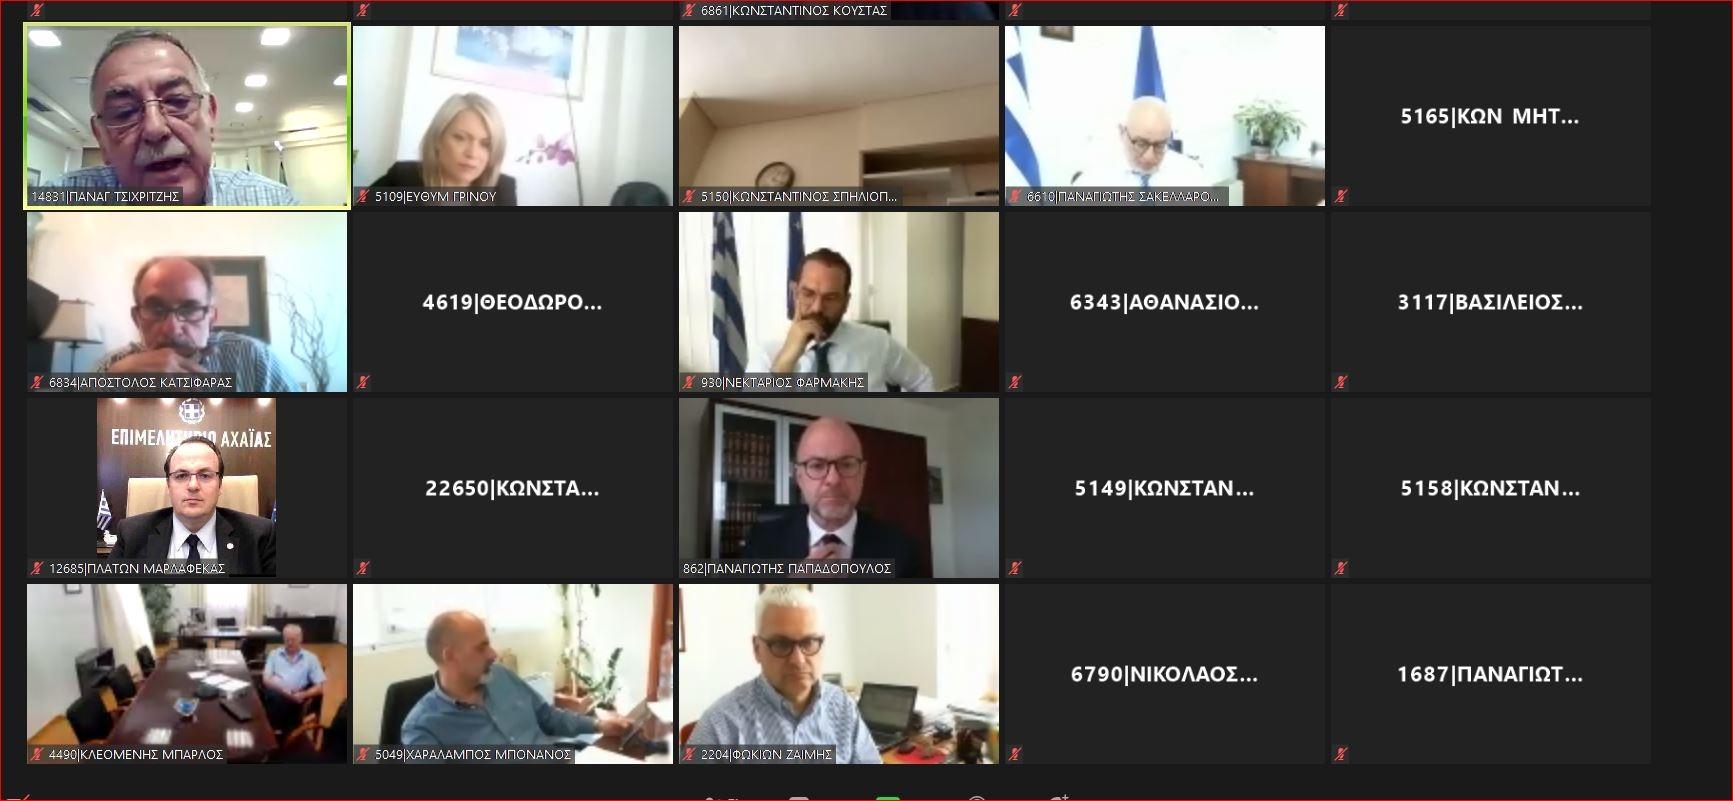 ΠΔΕ- Ν. Φαρμάκης: Στόχος μας η στήριξη της τοπικής οικονομίας και περισσότερες θέσεις εργασίας-  Διαβούλευση με τους παραγωγικούς φορείς στο Περιφερειακό Συμβούλιο